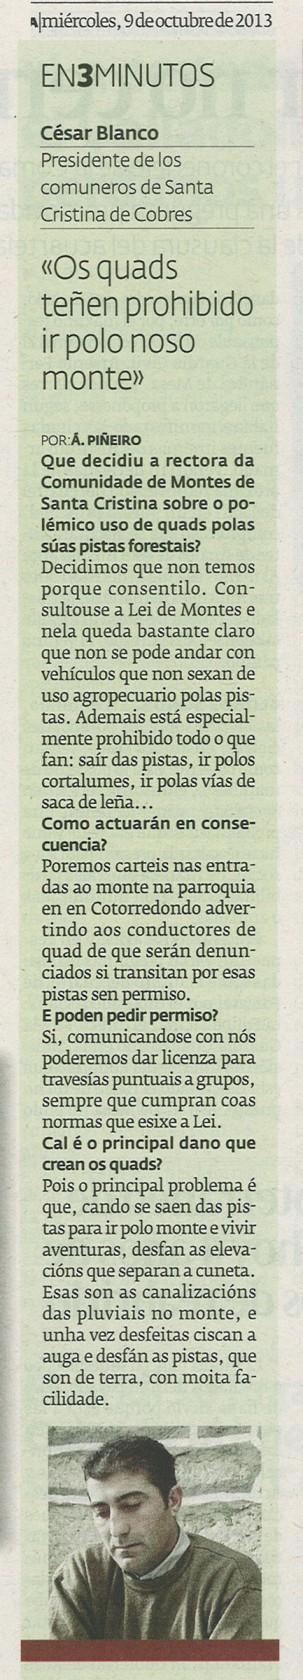 Diario, 9 de outubro de 2013.